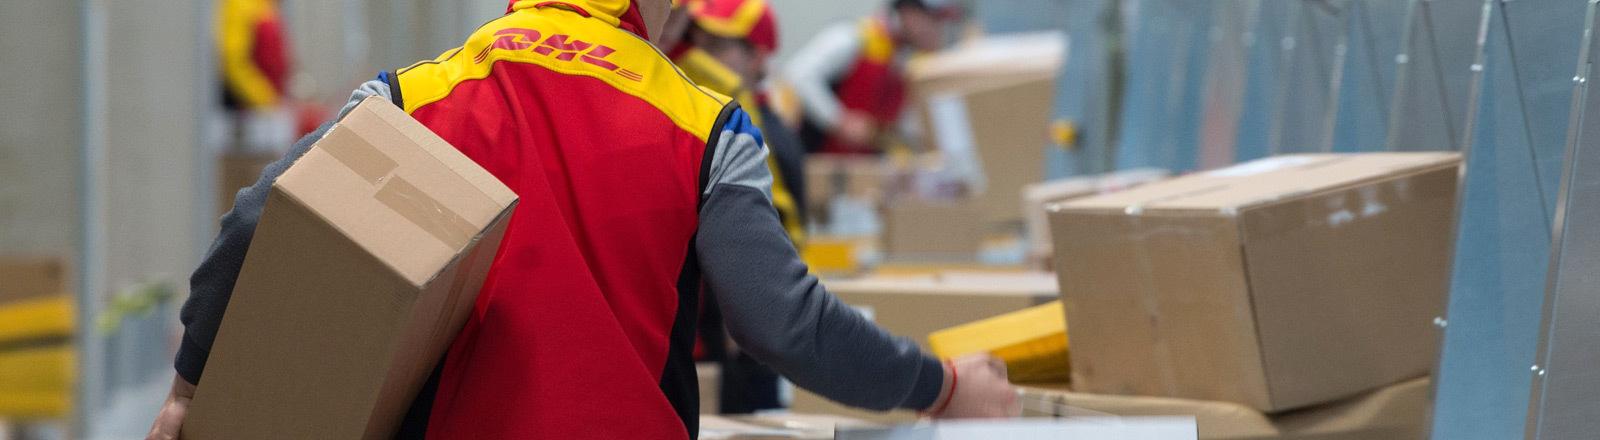 Ein DHL-Mitarbeiter sortiert Pakete.